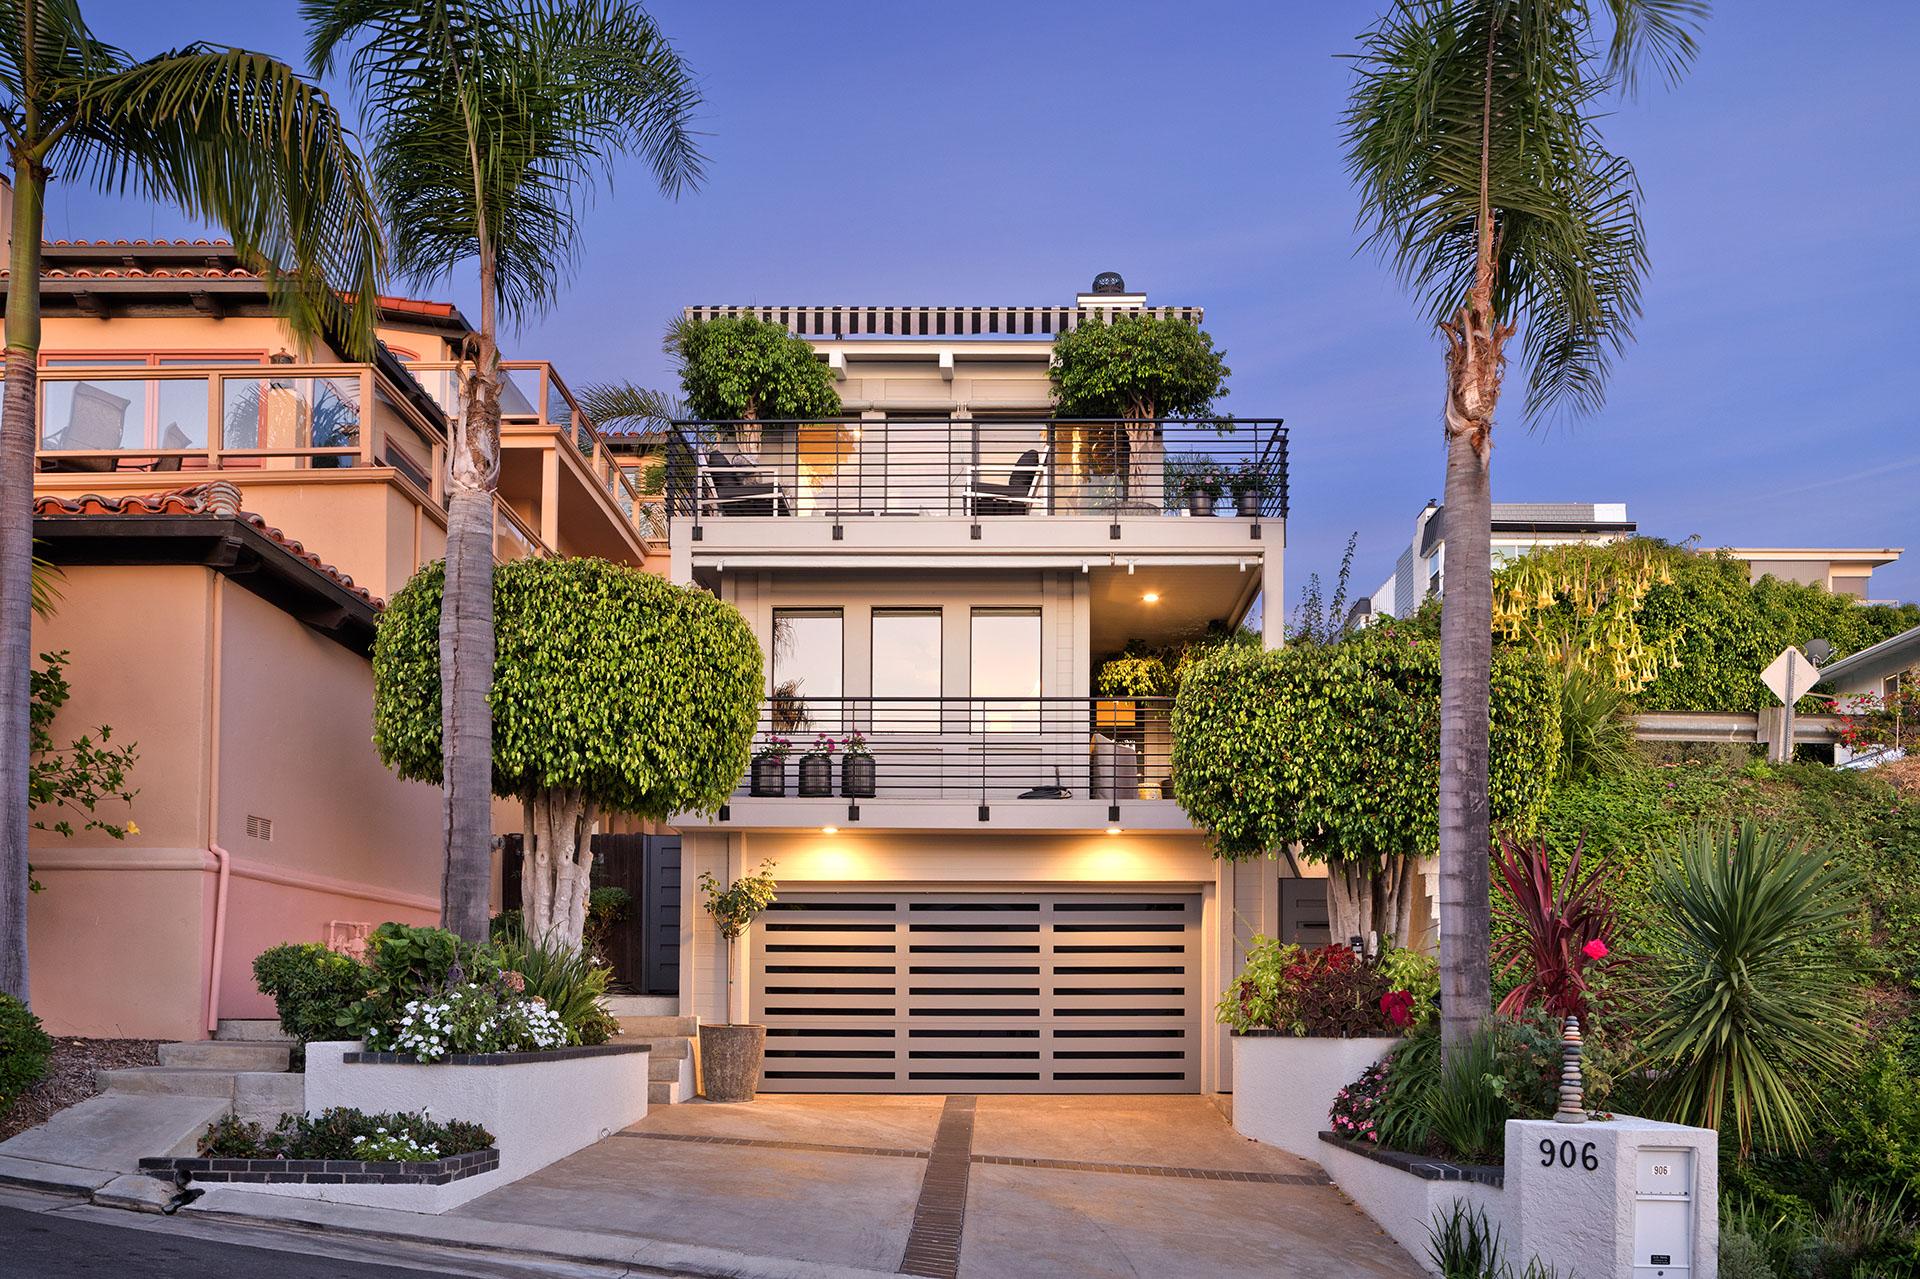 906 Baja Street